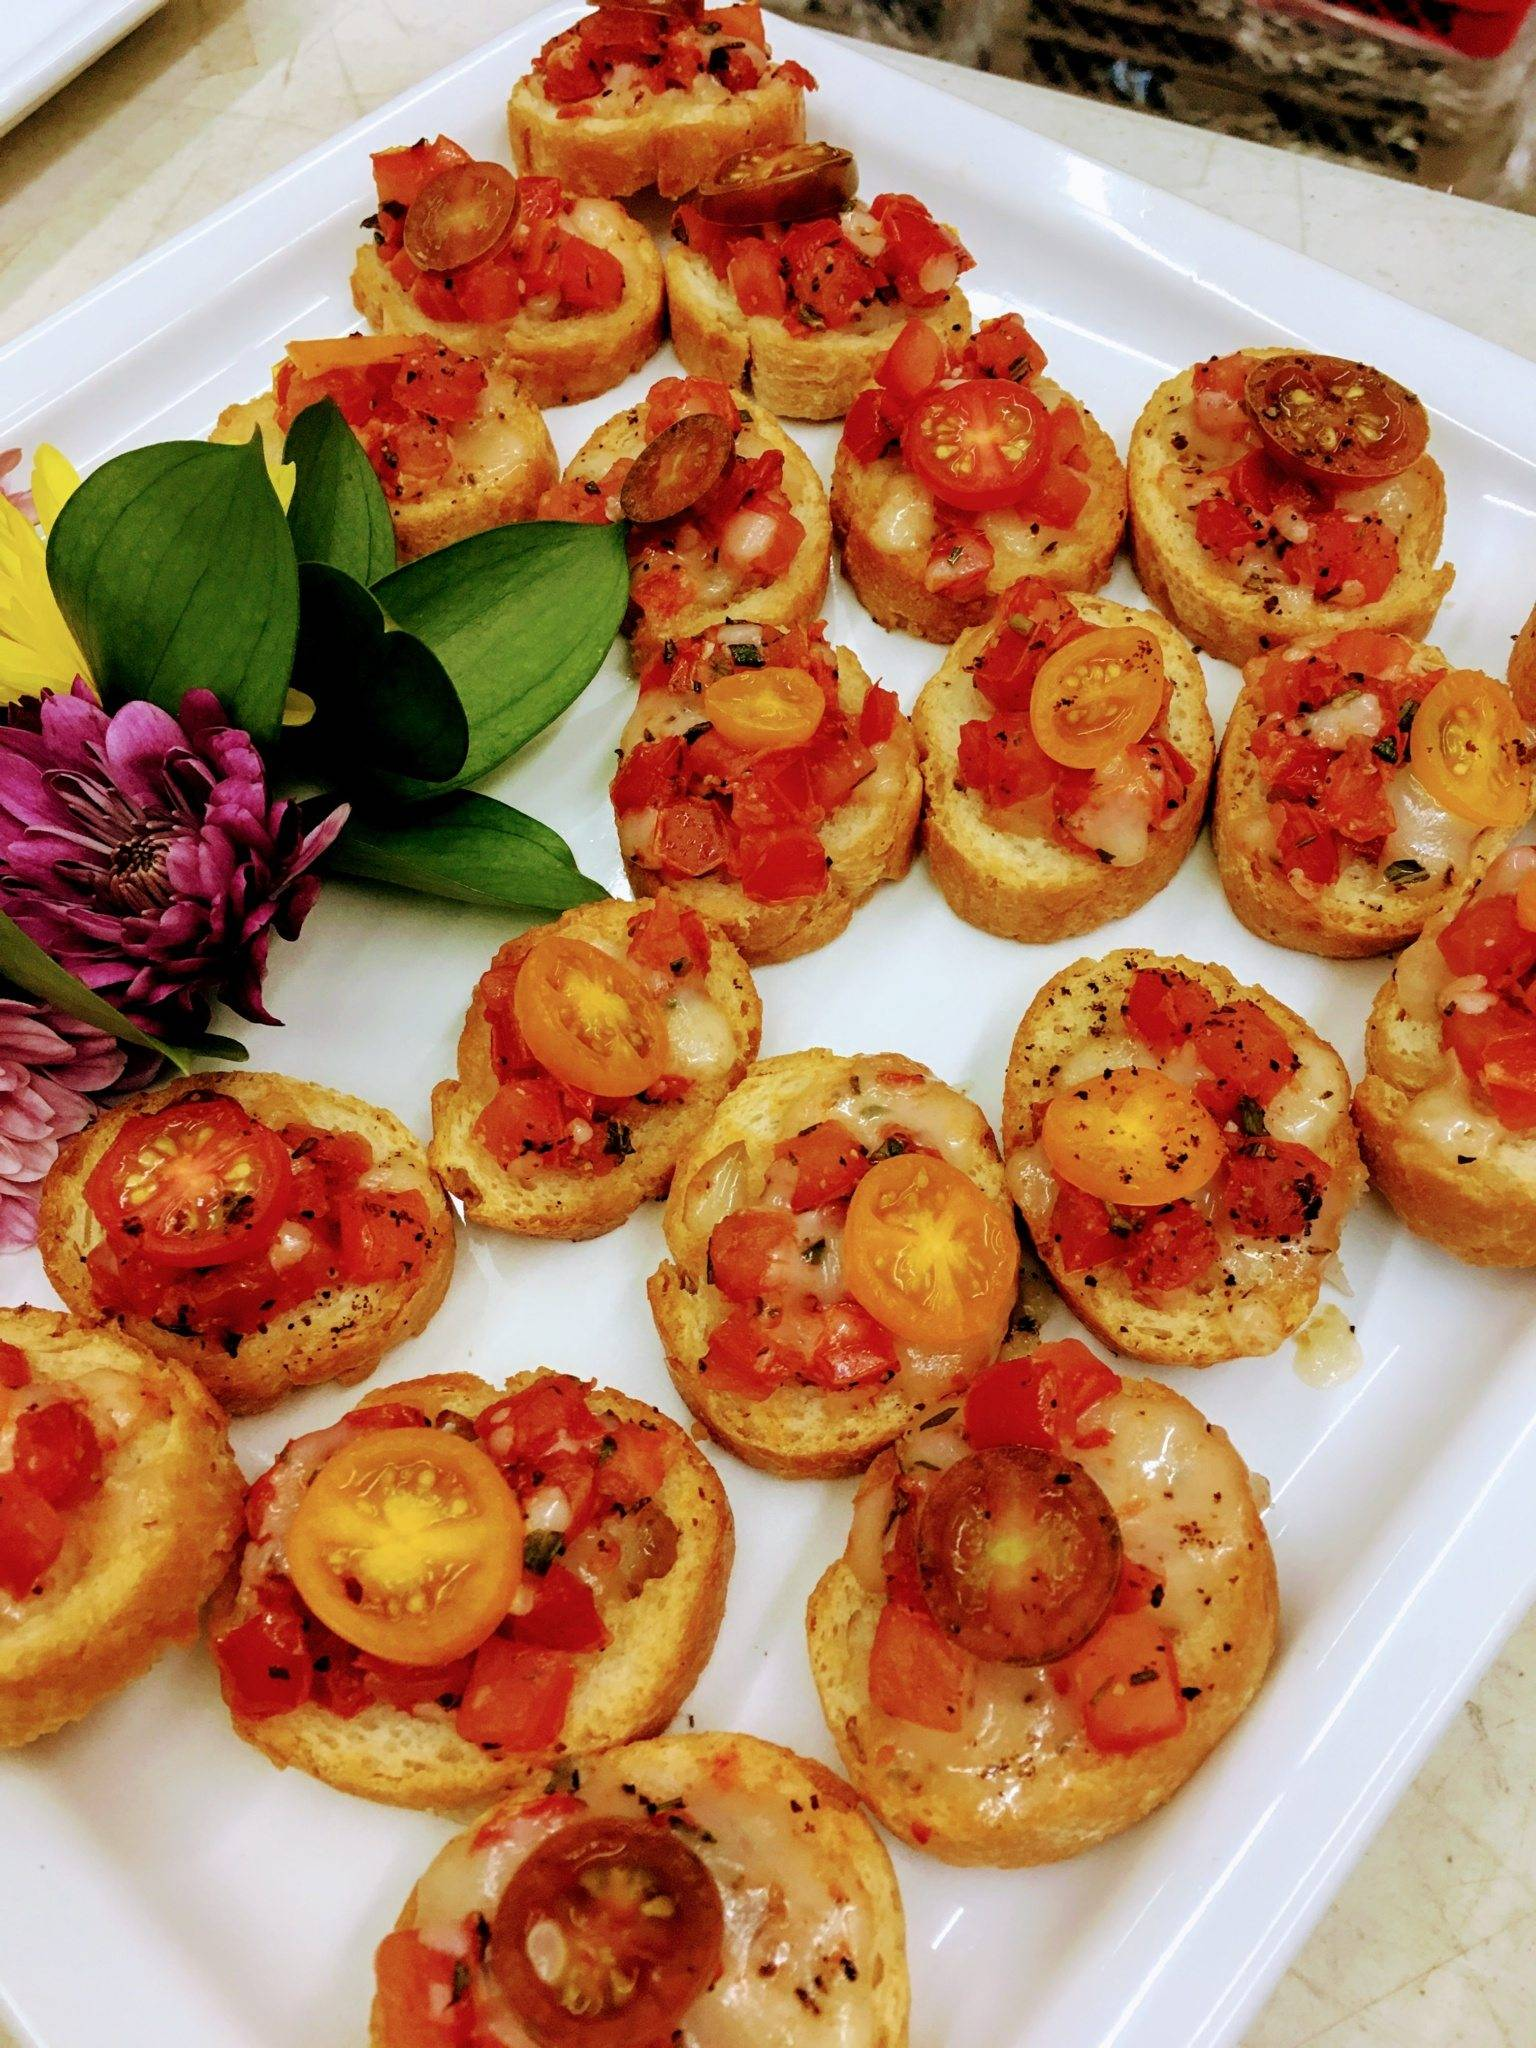 Crostinis with Mozzarella Cheese and Tomato